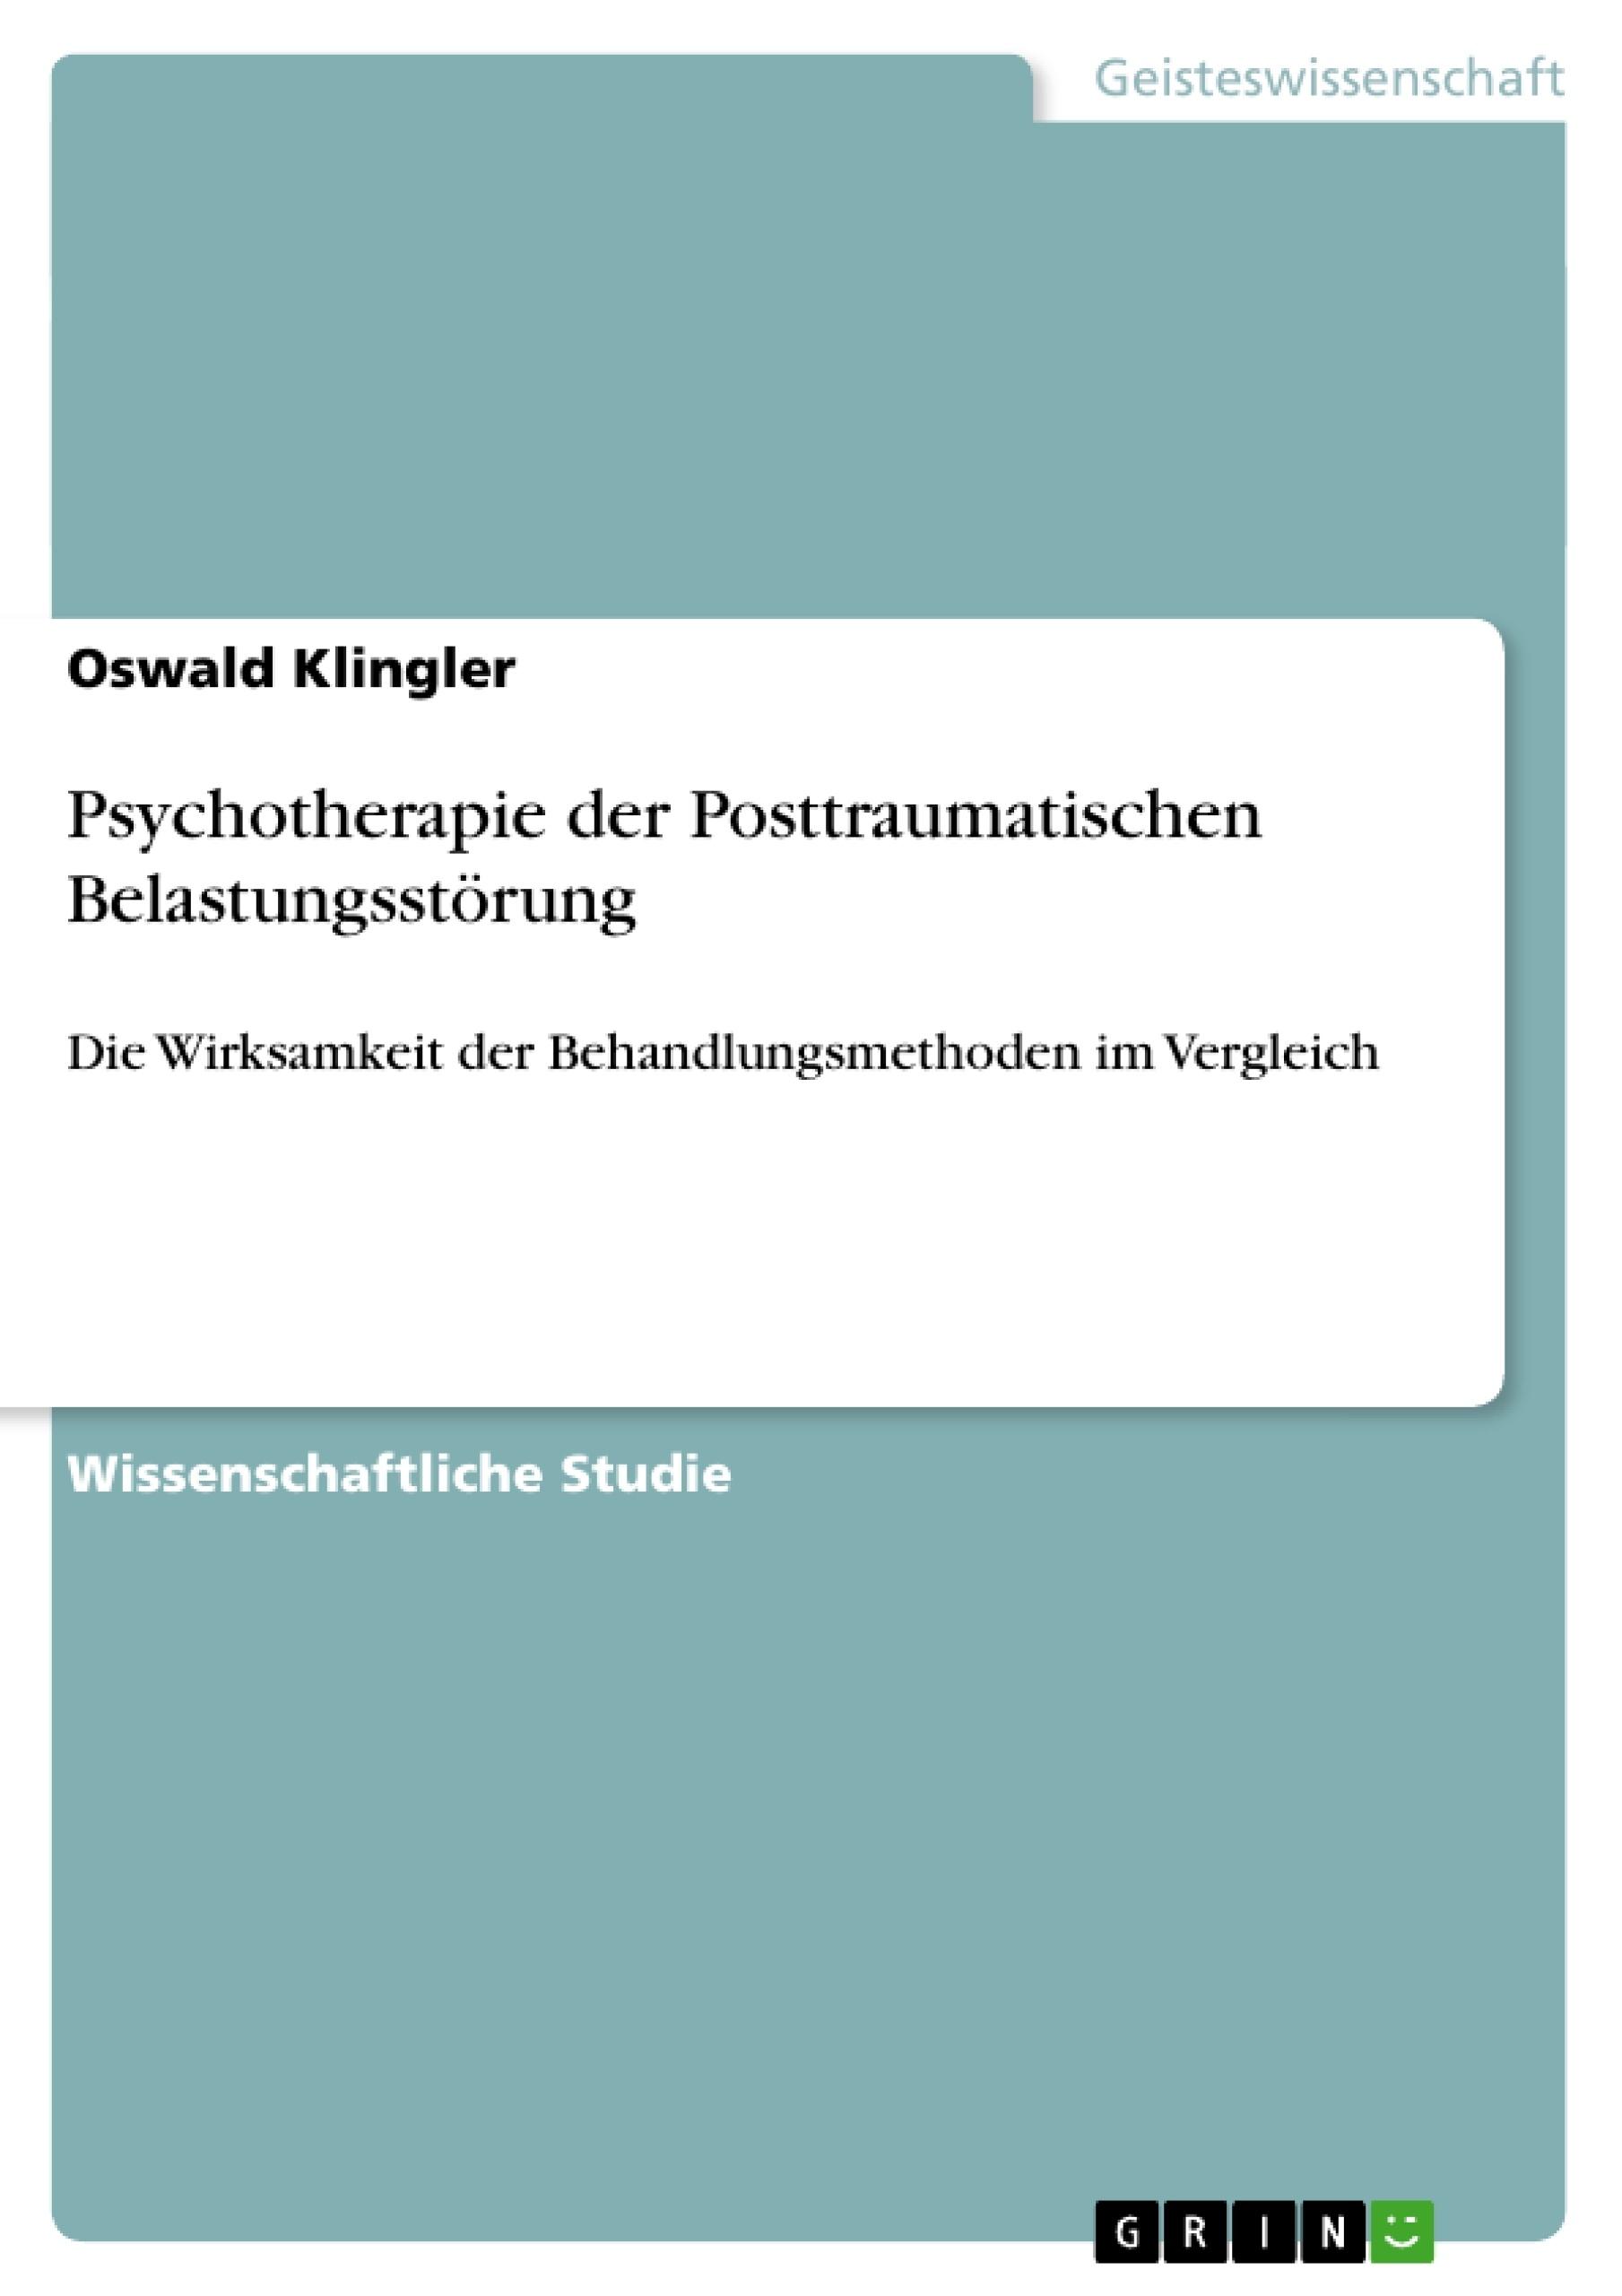 Titel: Psychotherapie der Posttraumatischen Belastungsstörung